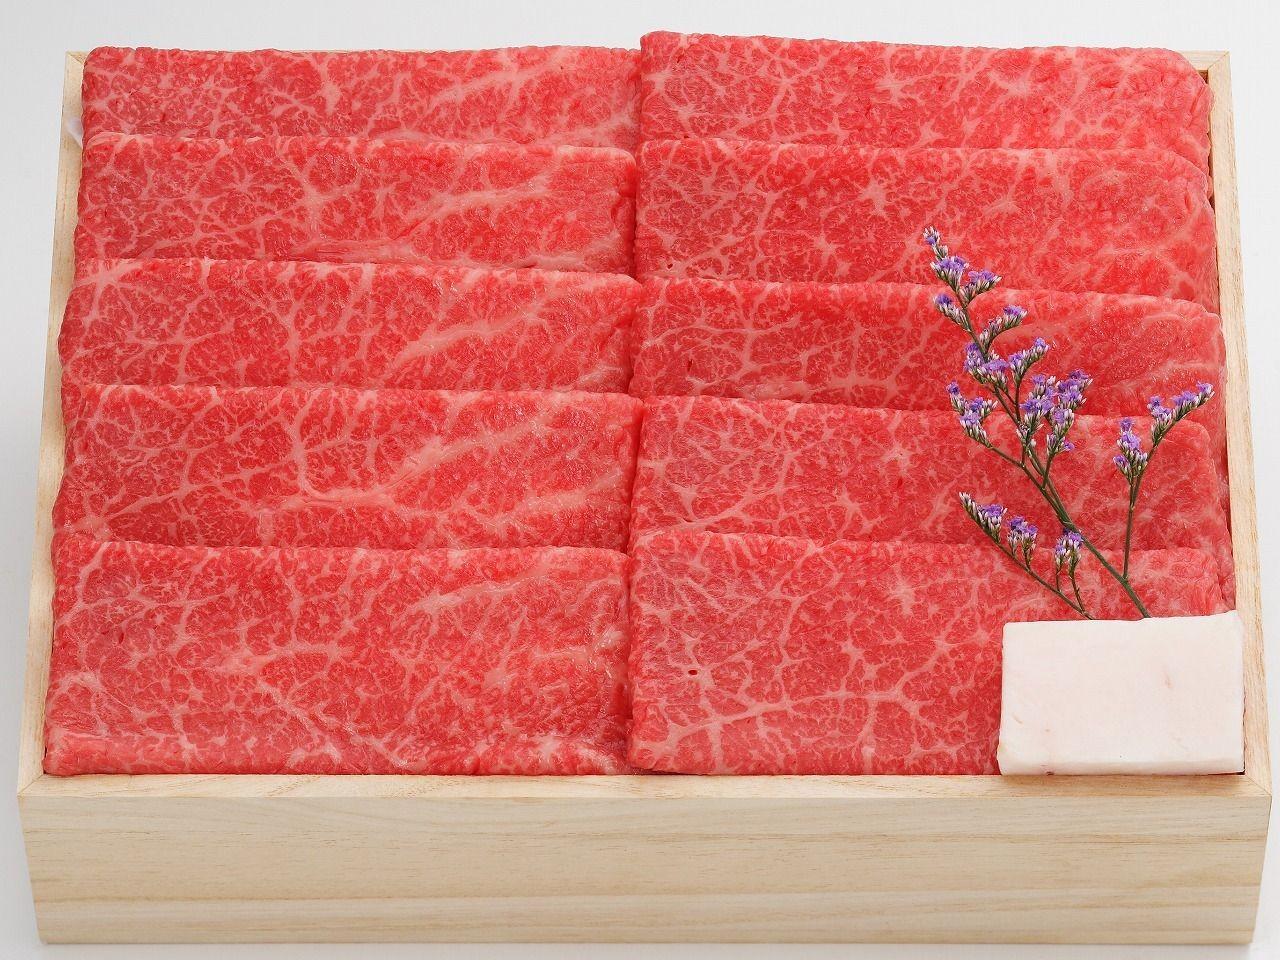 米沢牛 すき焼き 赤身